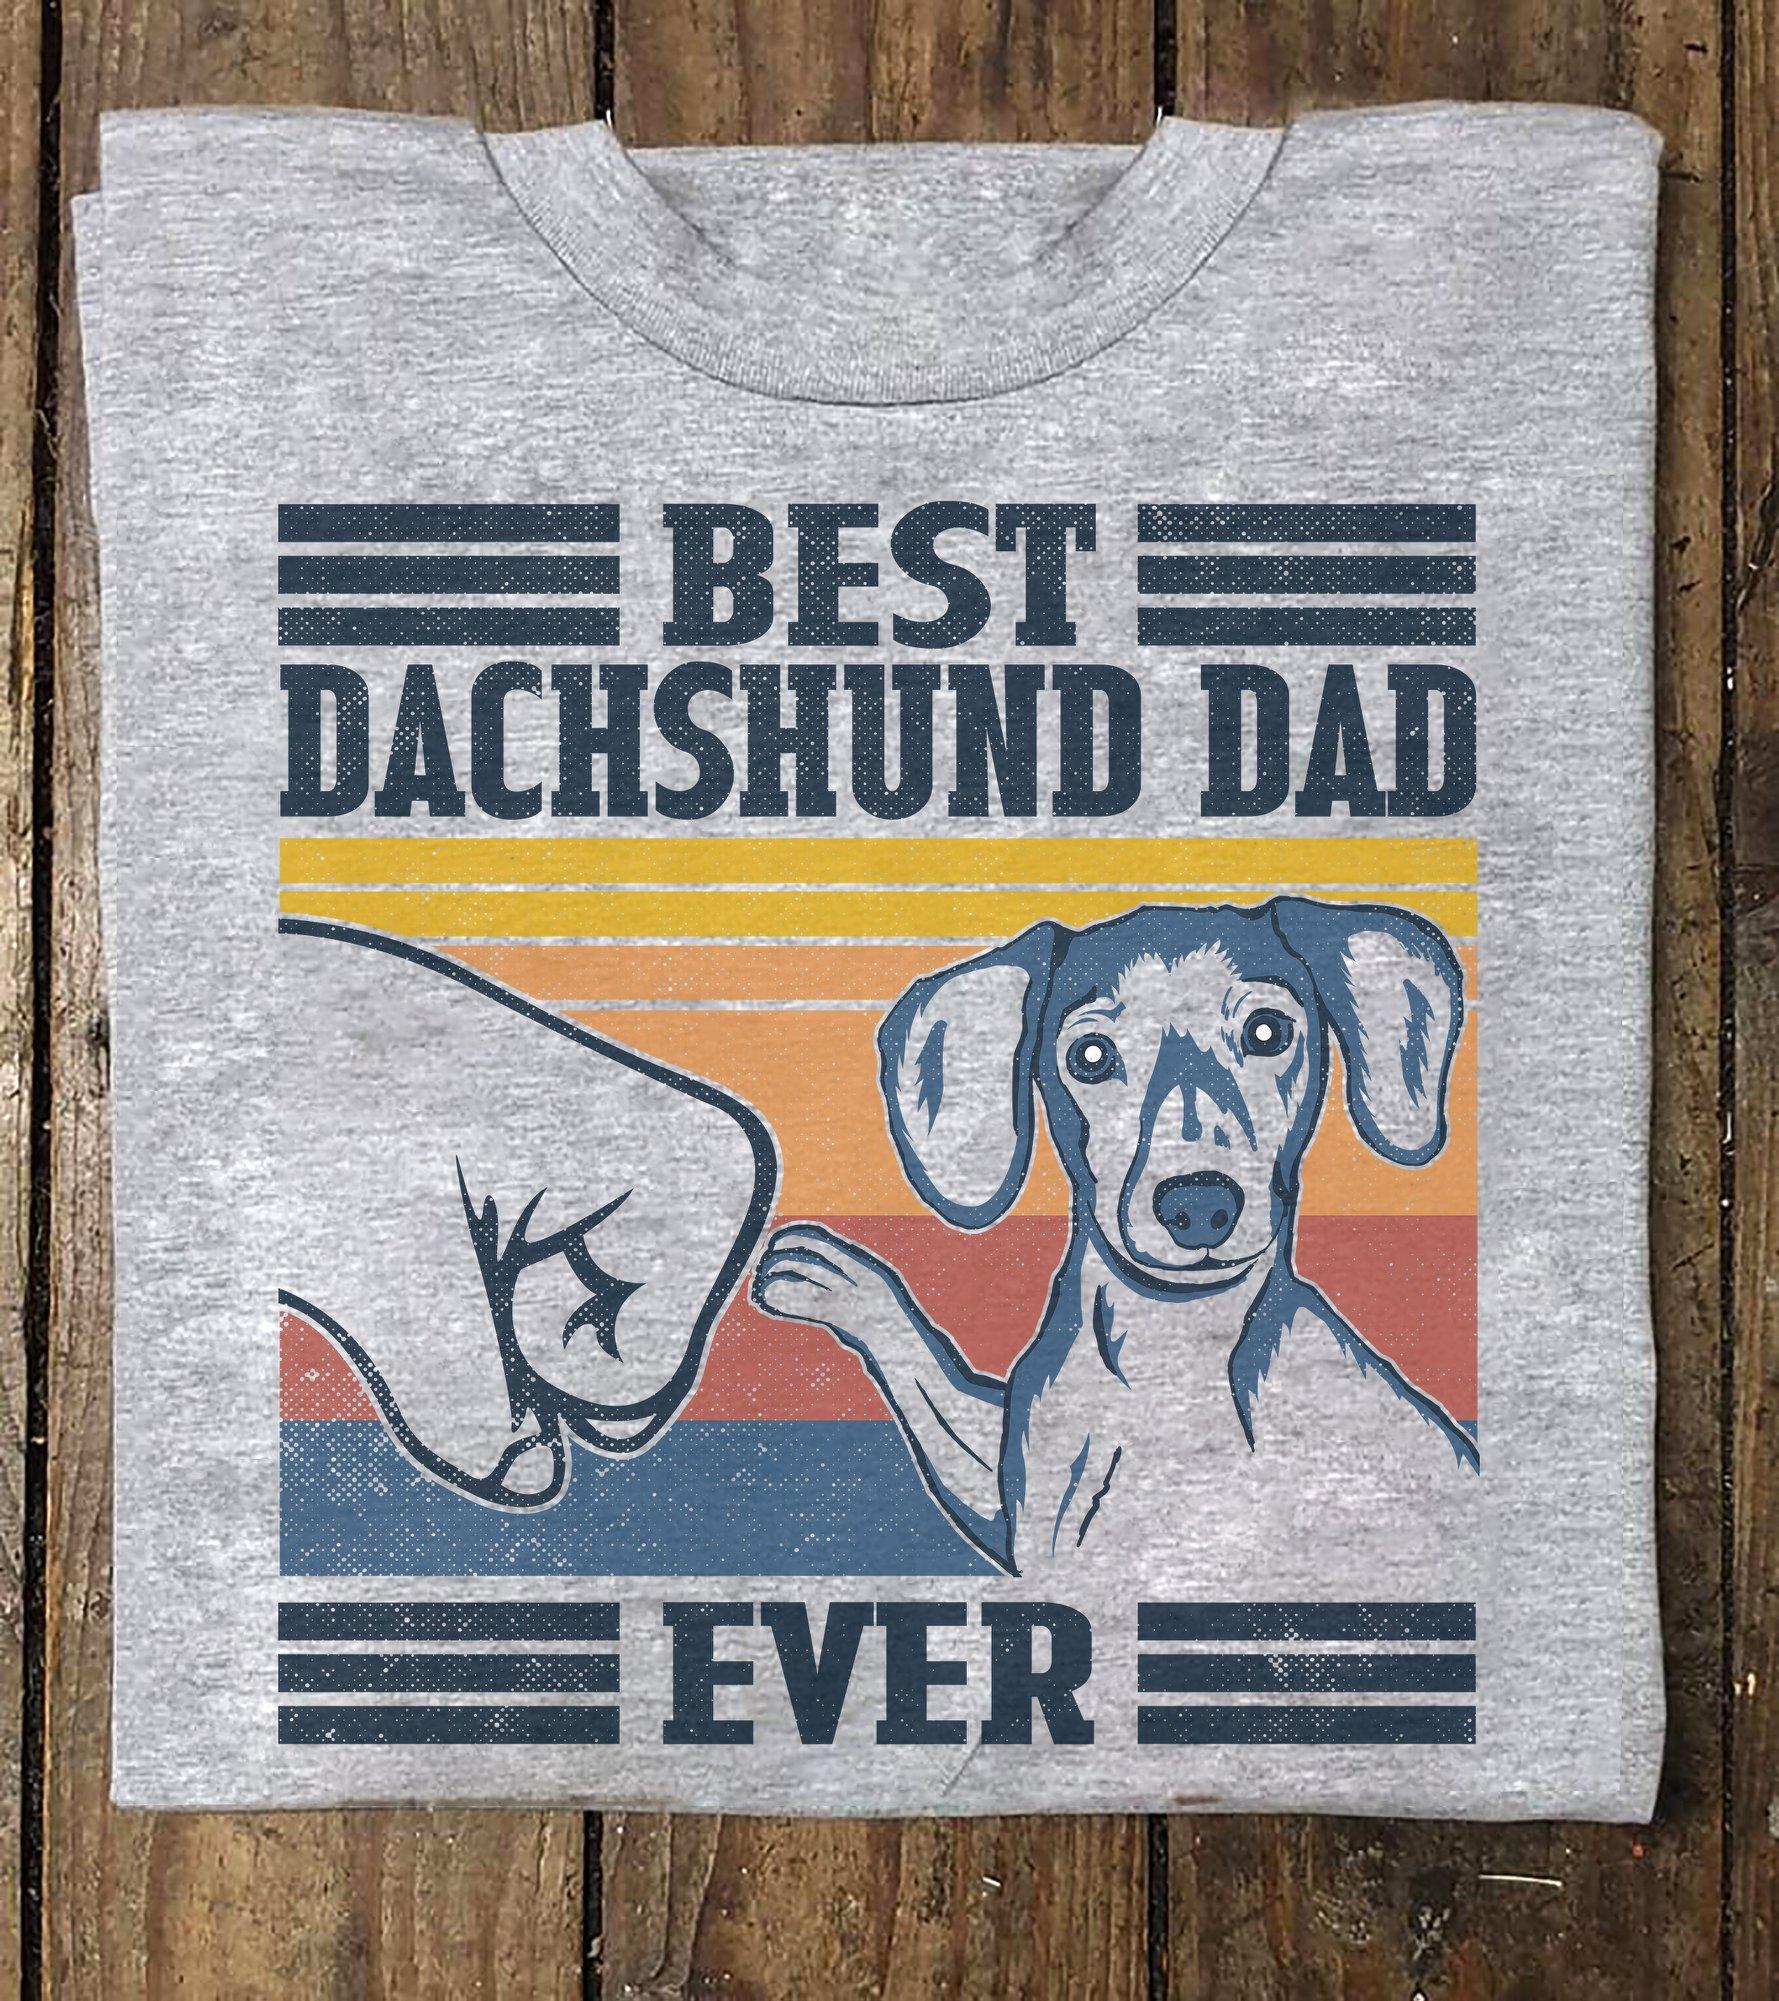 Vintage Dachshund Dad Shirt Best Dachshund Dad Ever